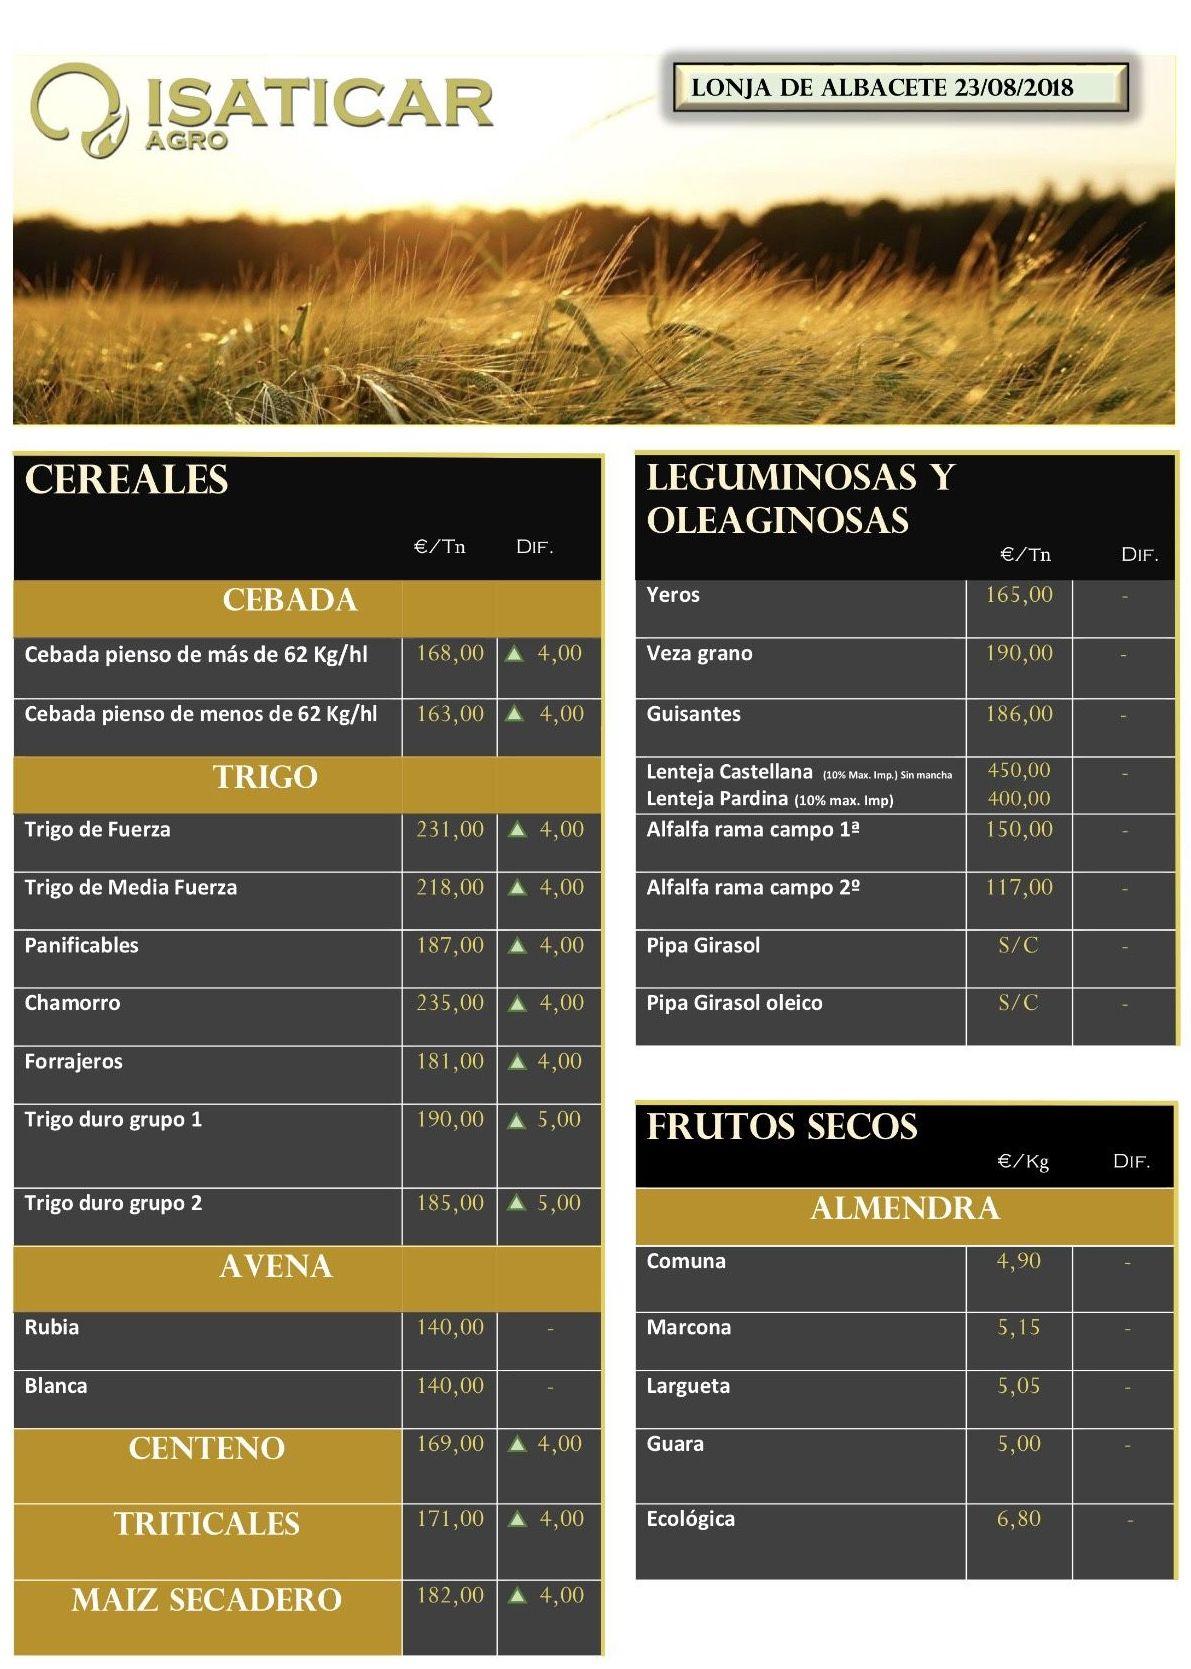 Lonja de Albacete 28.08.2018 Cereales & Frutos Secos